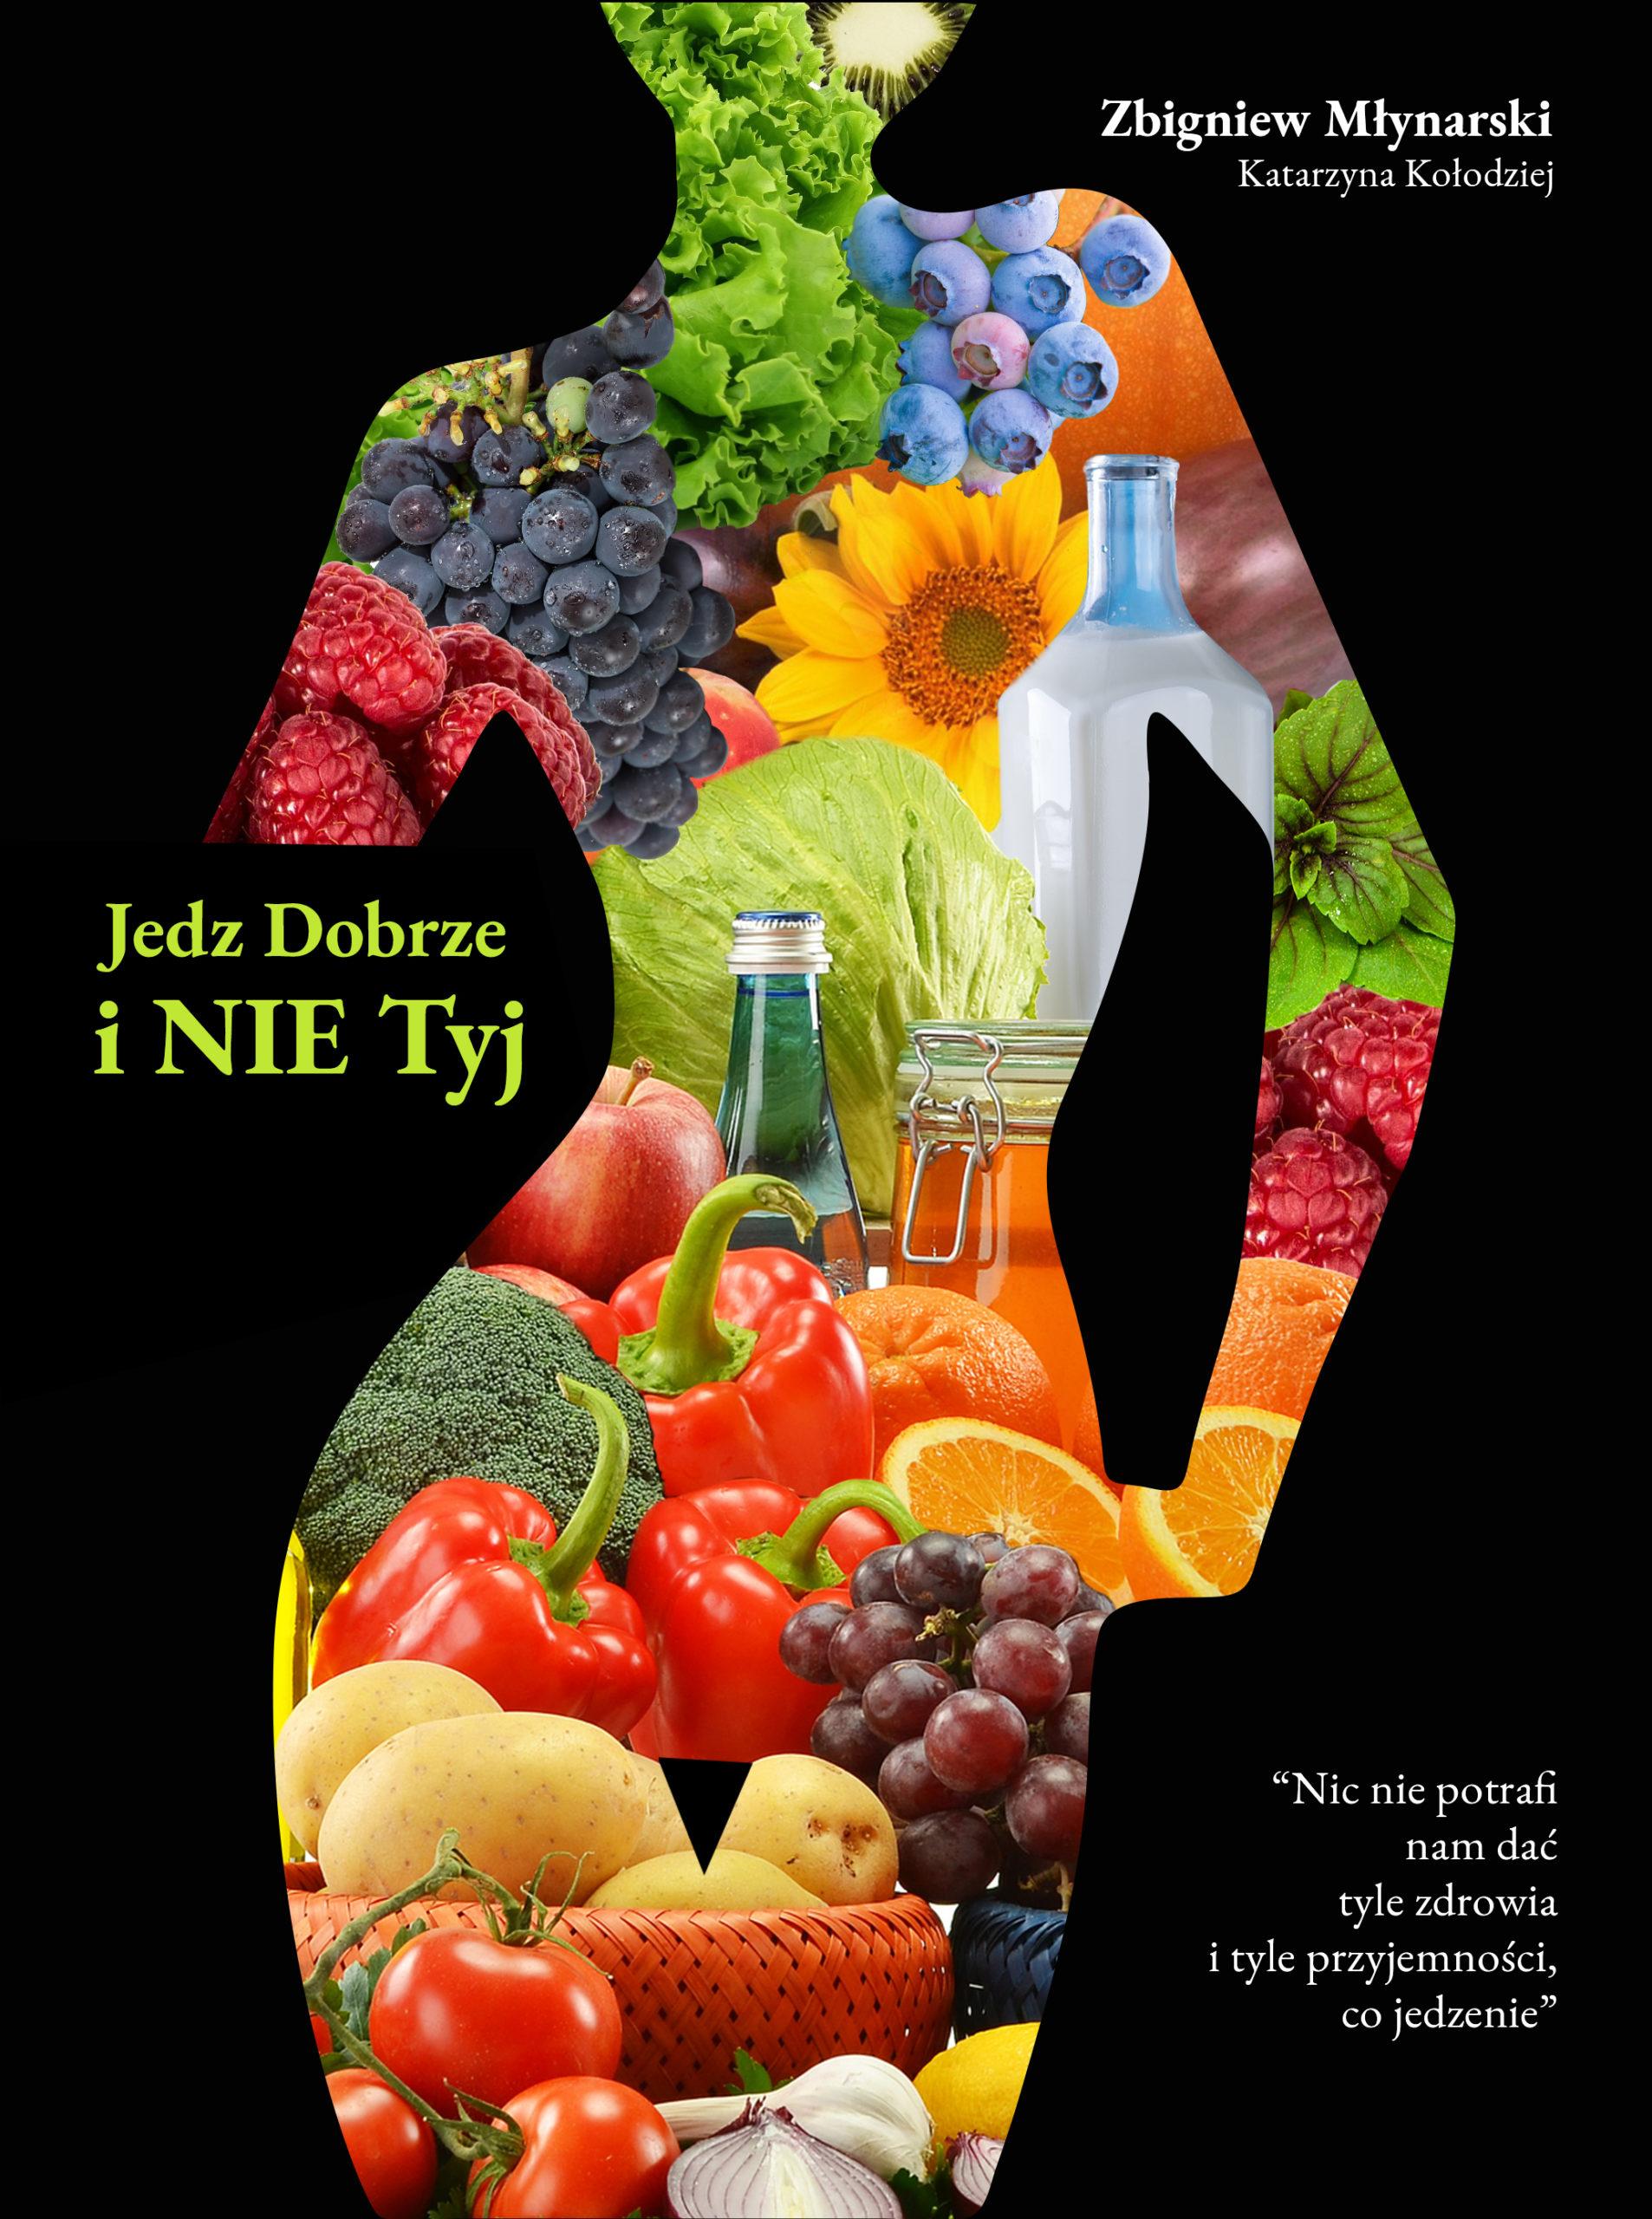 okładka 1 scaled - Jedz Dobrze i NIE Tyj